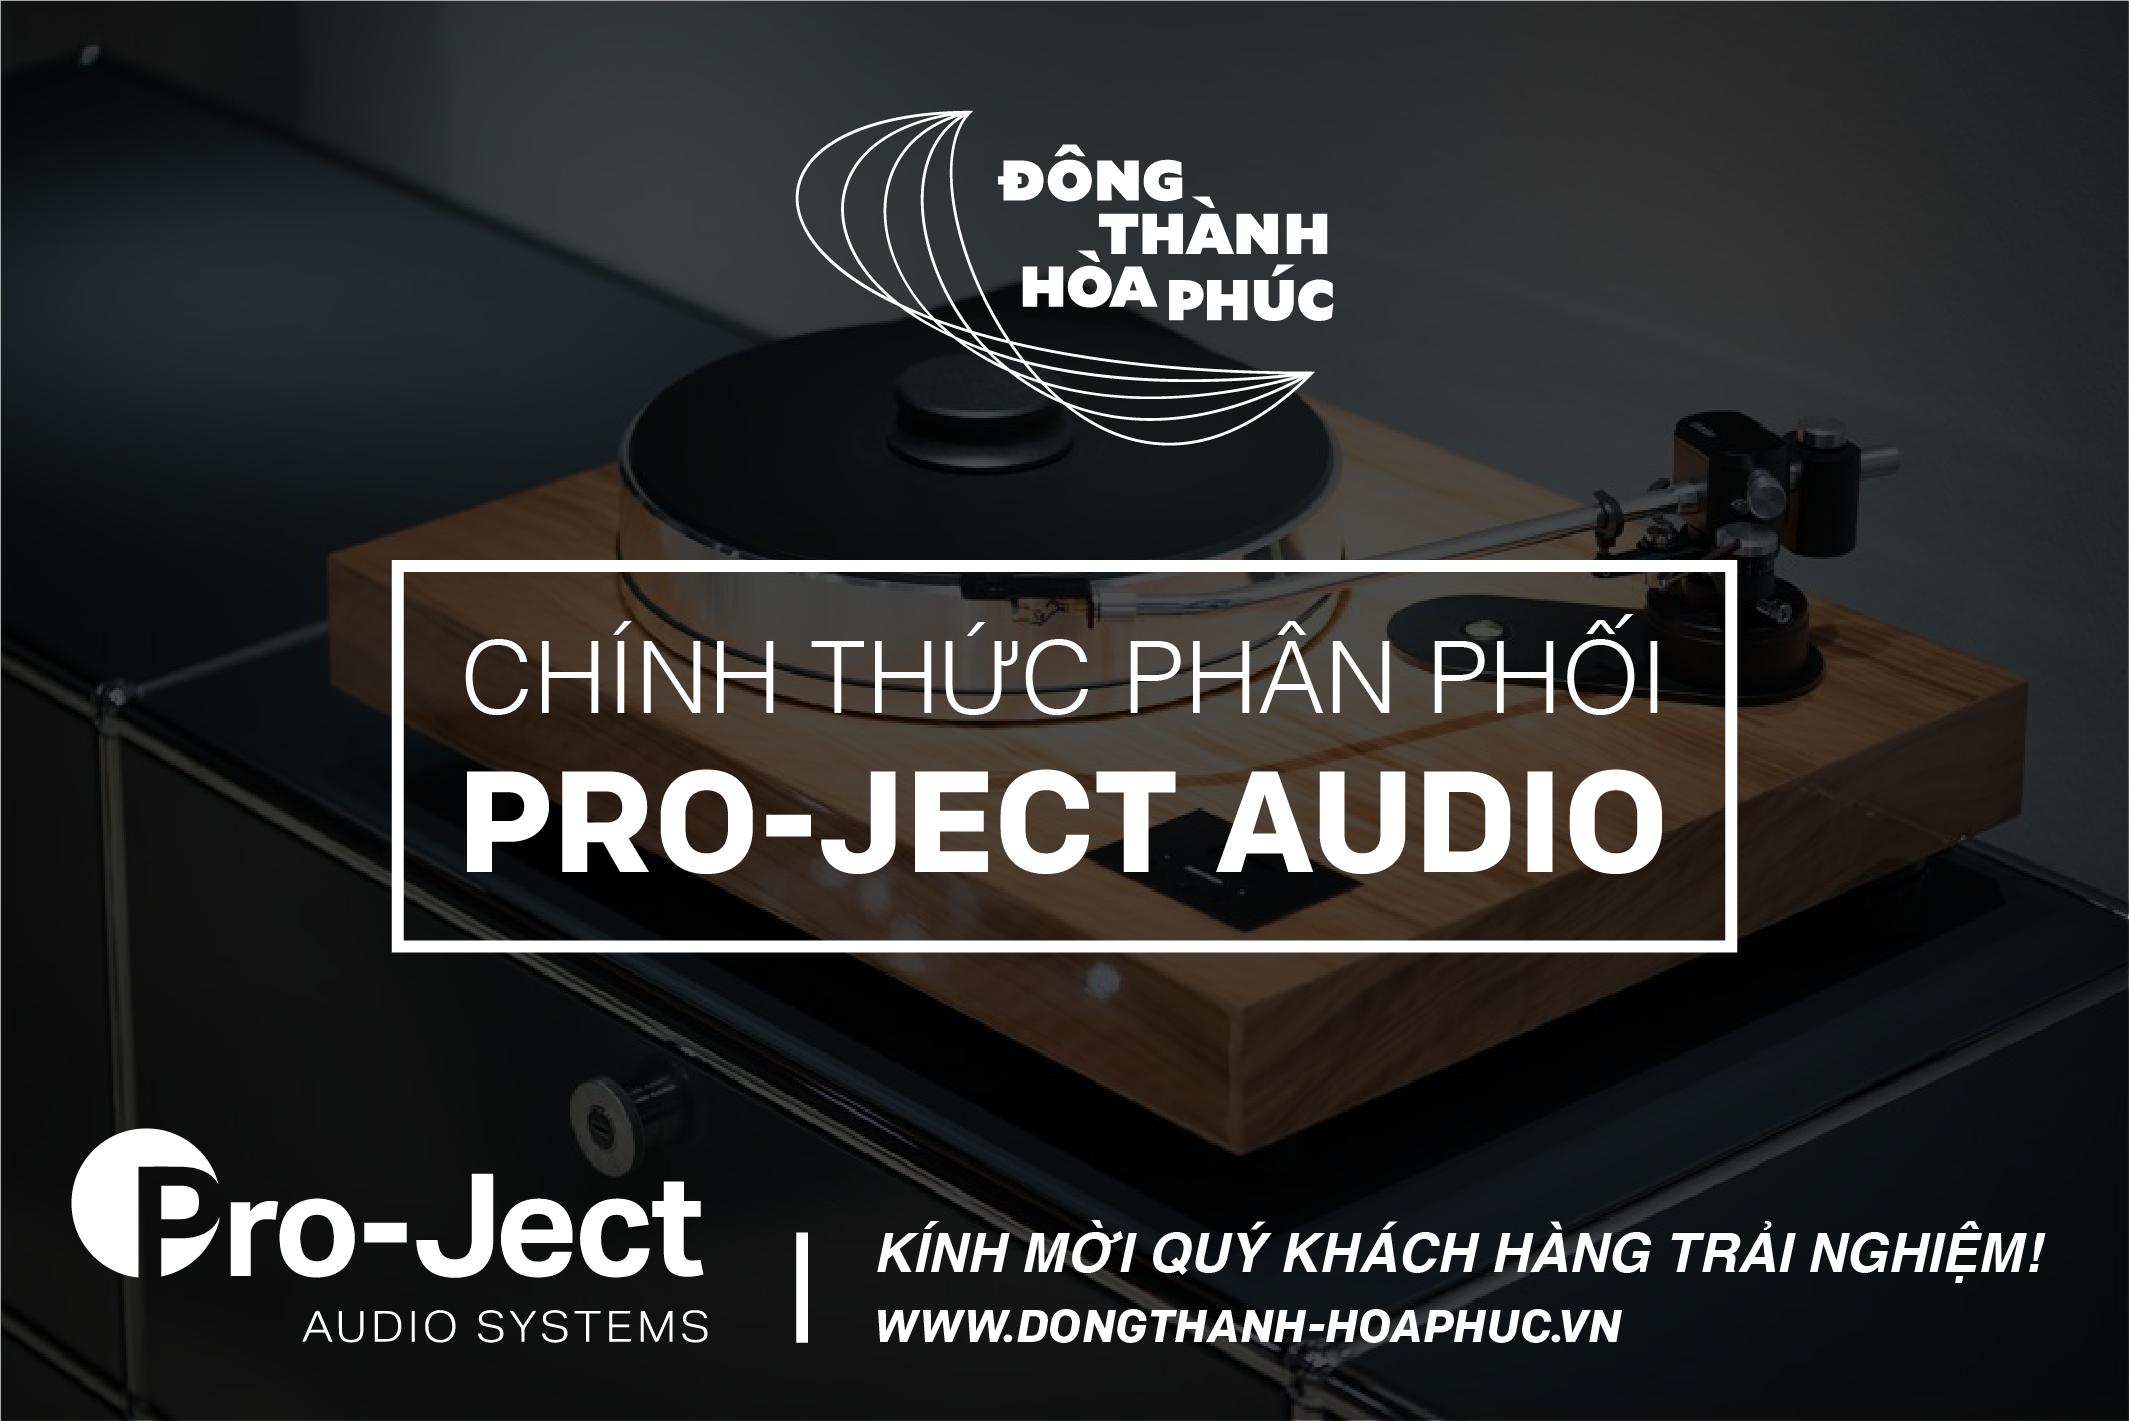 Pro-Ject Audio Đông Thành - Hòa Phúc